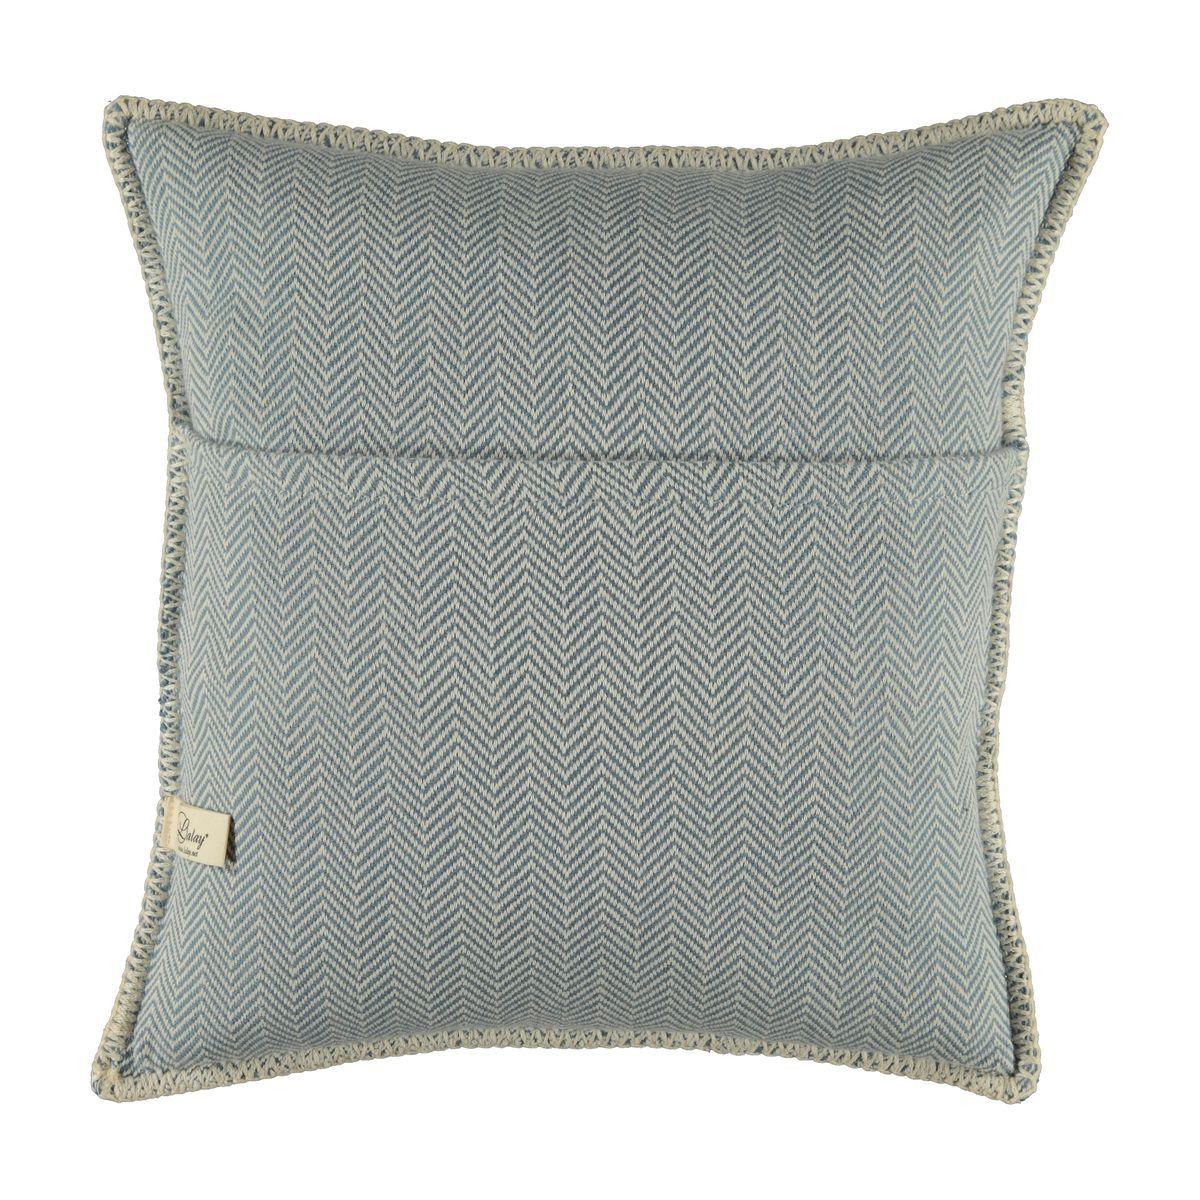 Cushion cover / ZigZag- Air Blue / 40x40